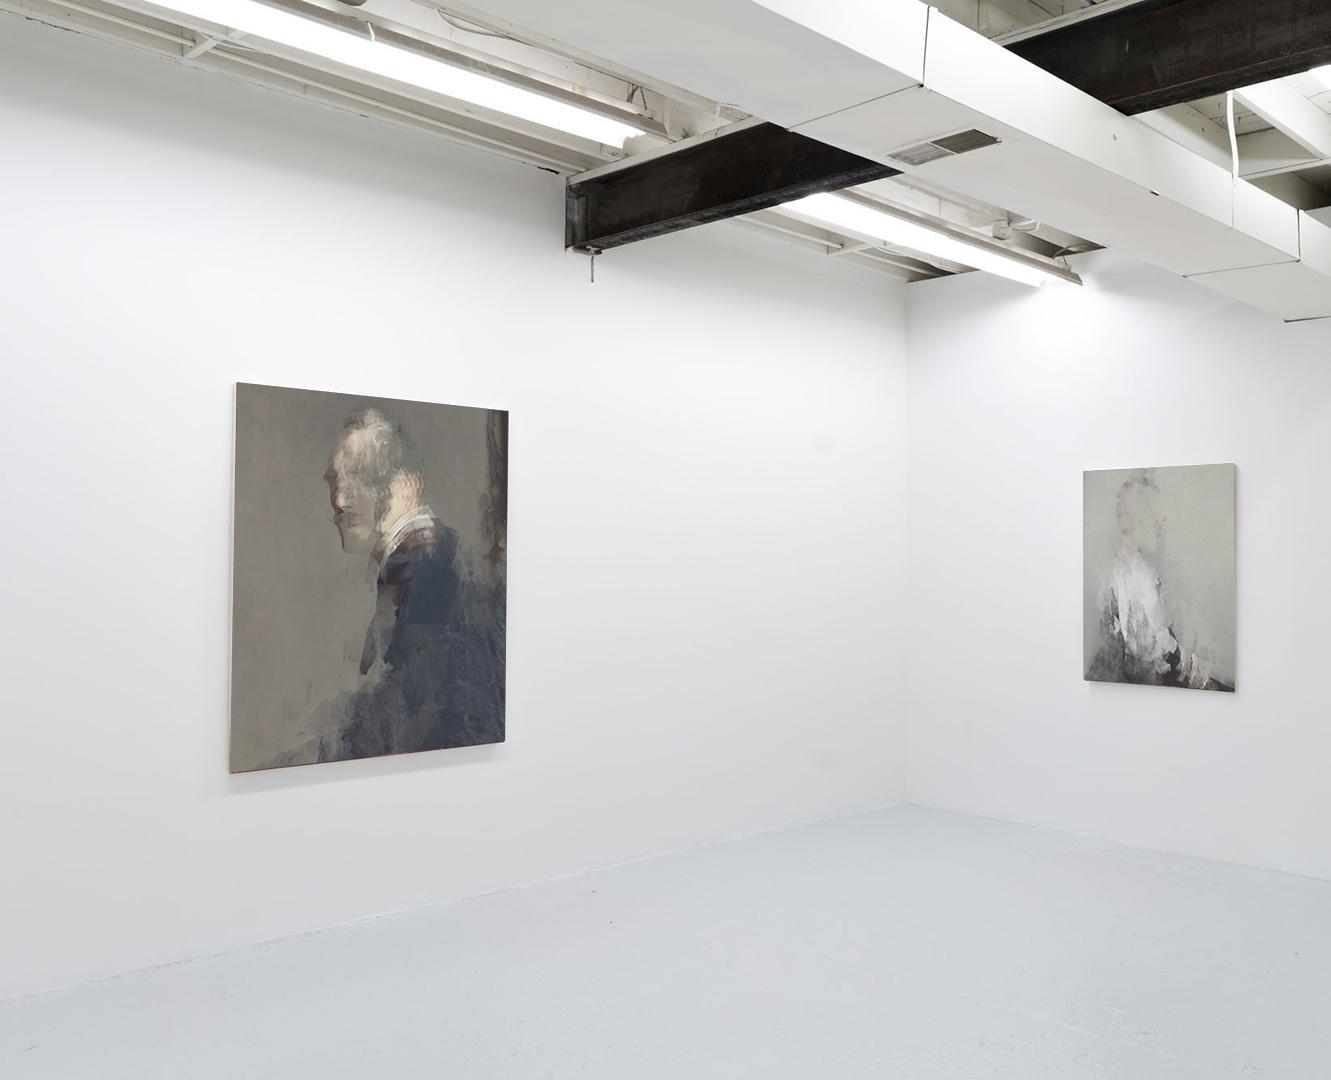 Jacob-Mason-Macklin-at-No-Place-Gallery-16